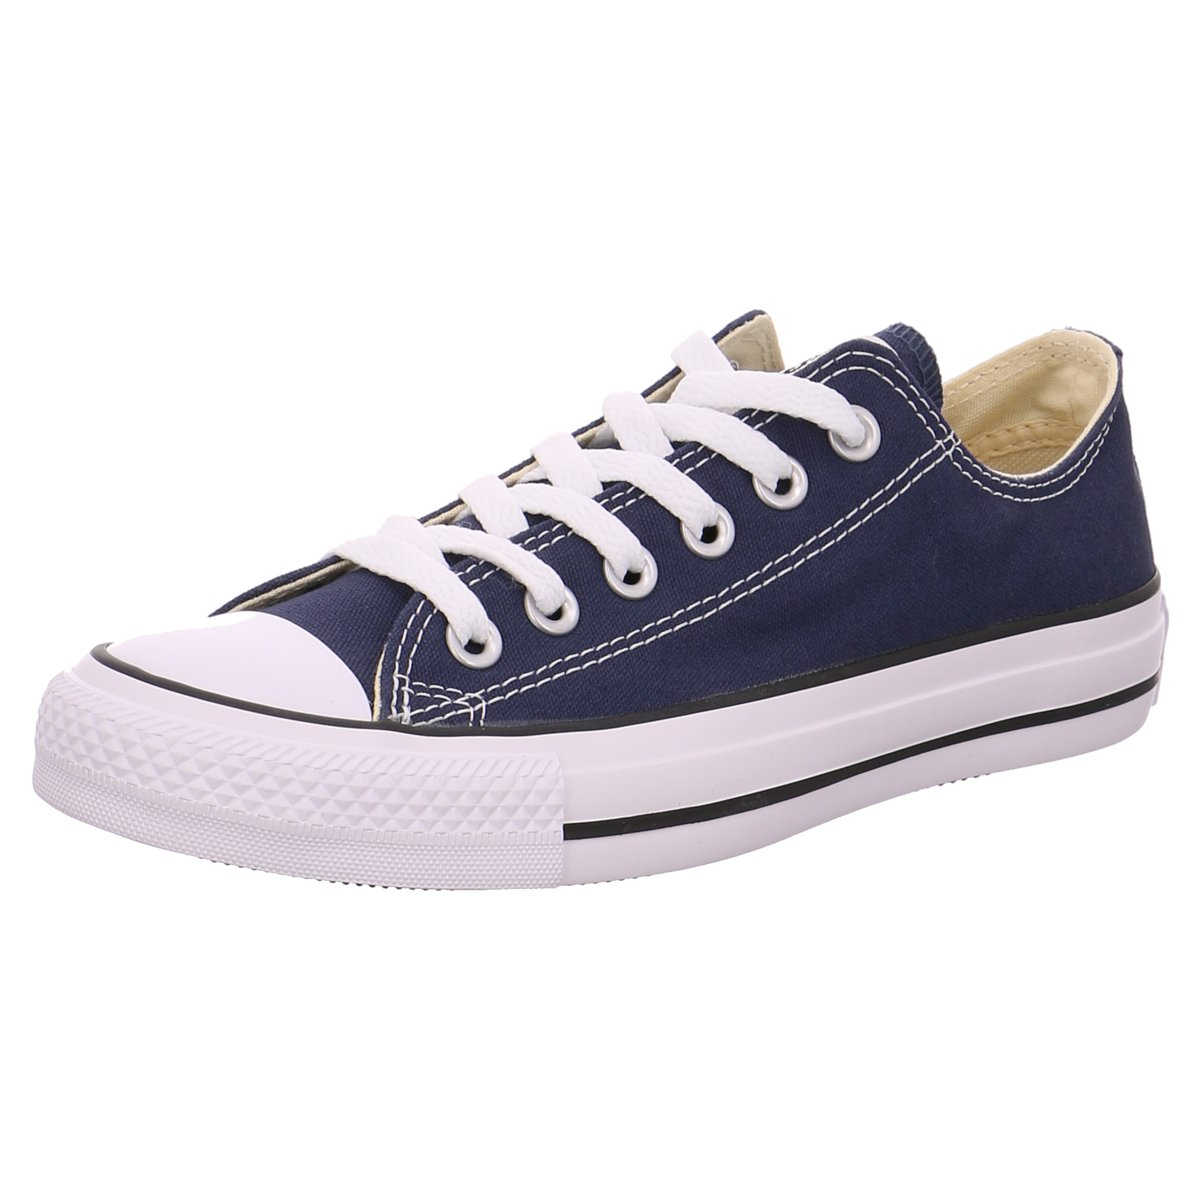 ba9f2e7835416 S2K Converse Damen Turnschuhe Leinen Leinen Leinen Schnürhalbschuh All Star  OX M9697C blau